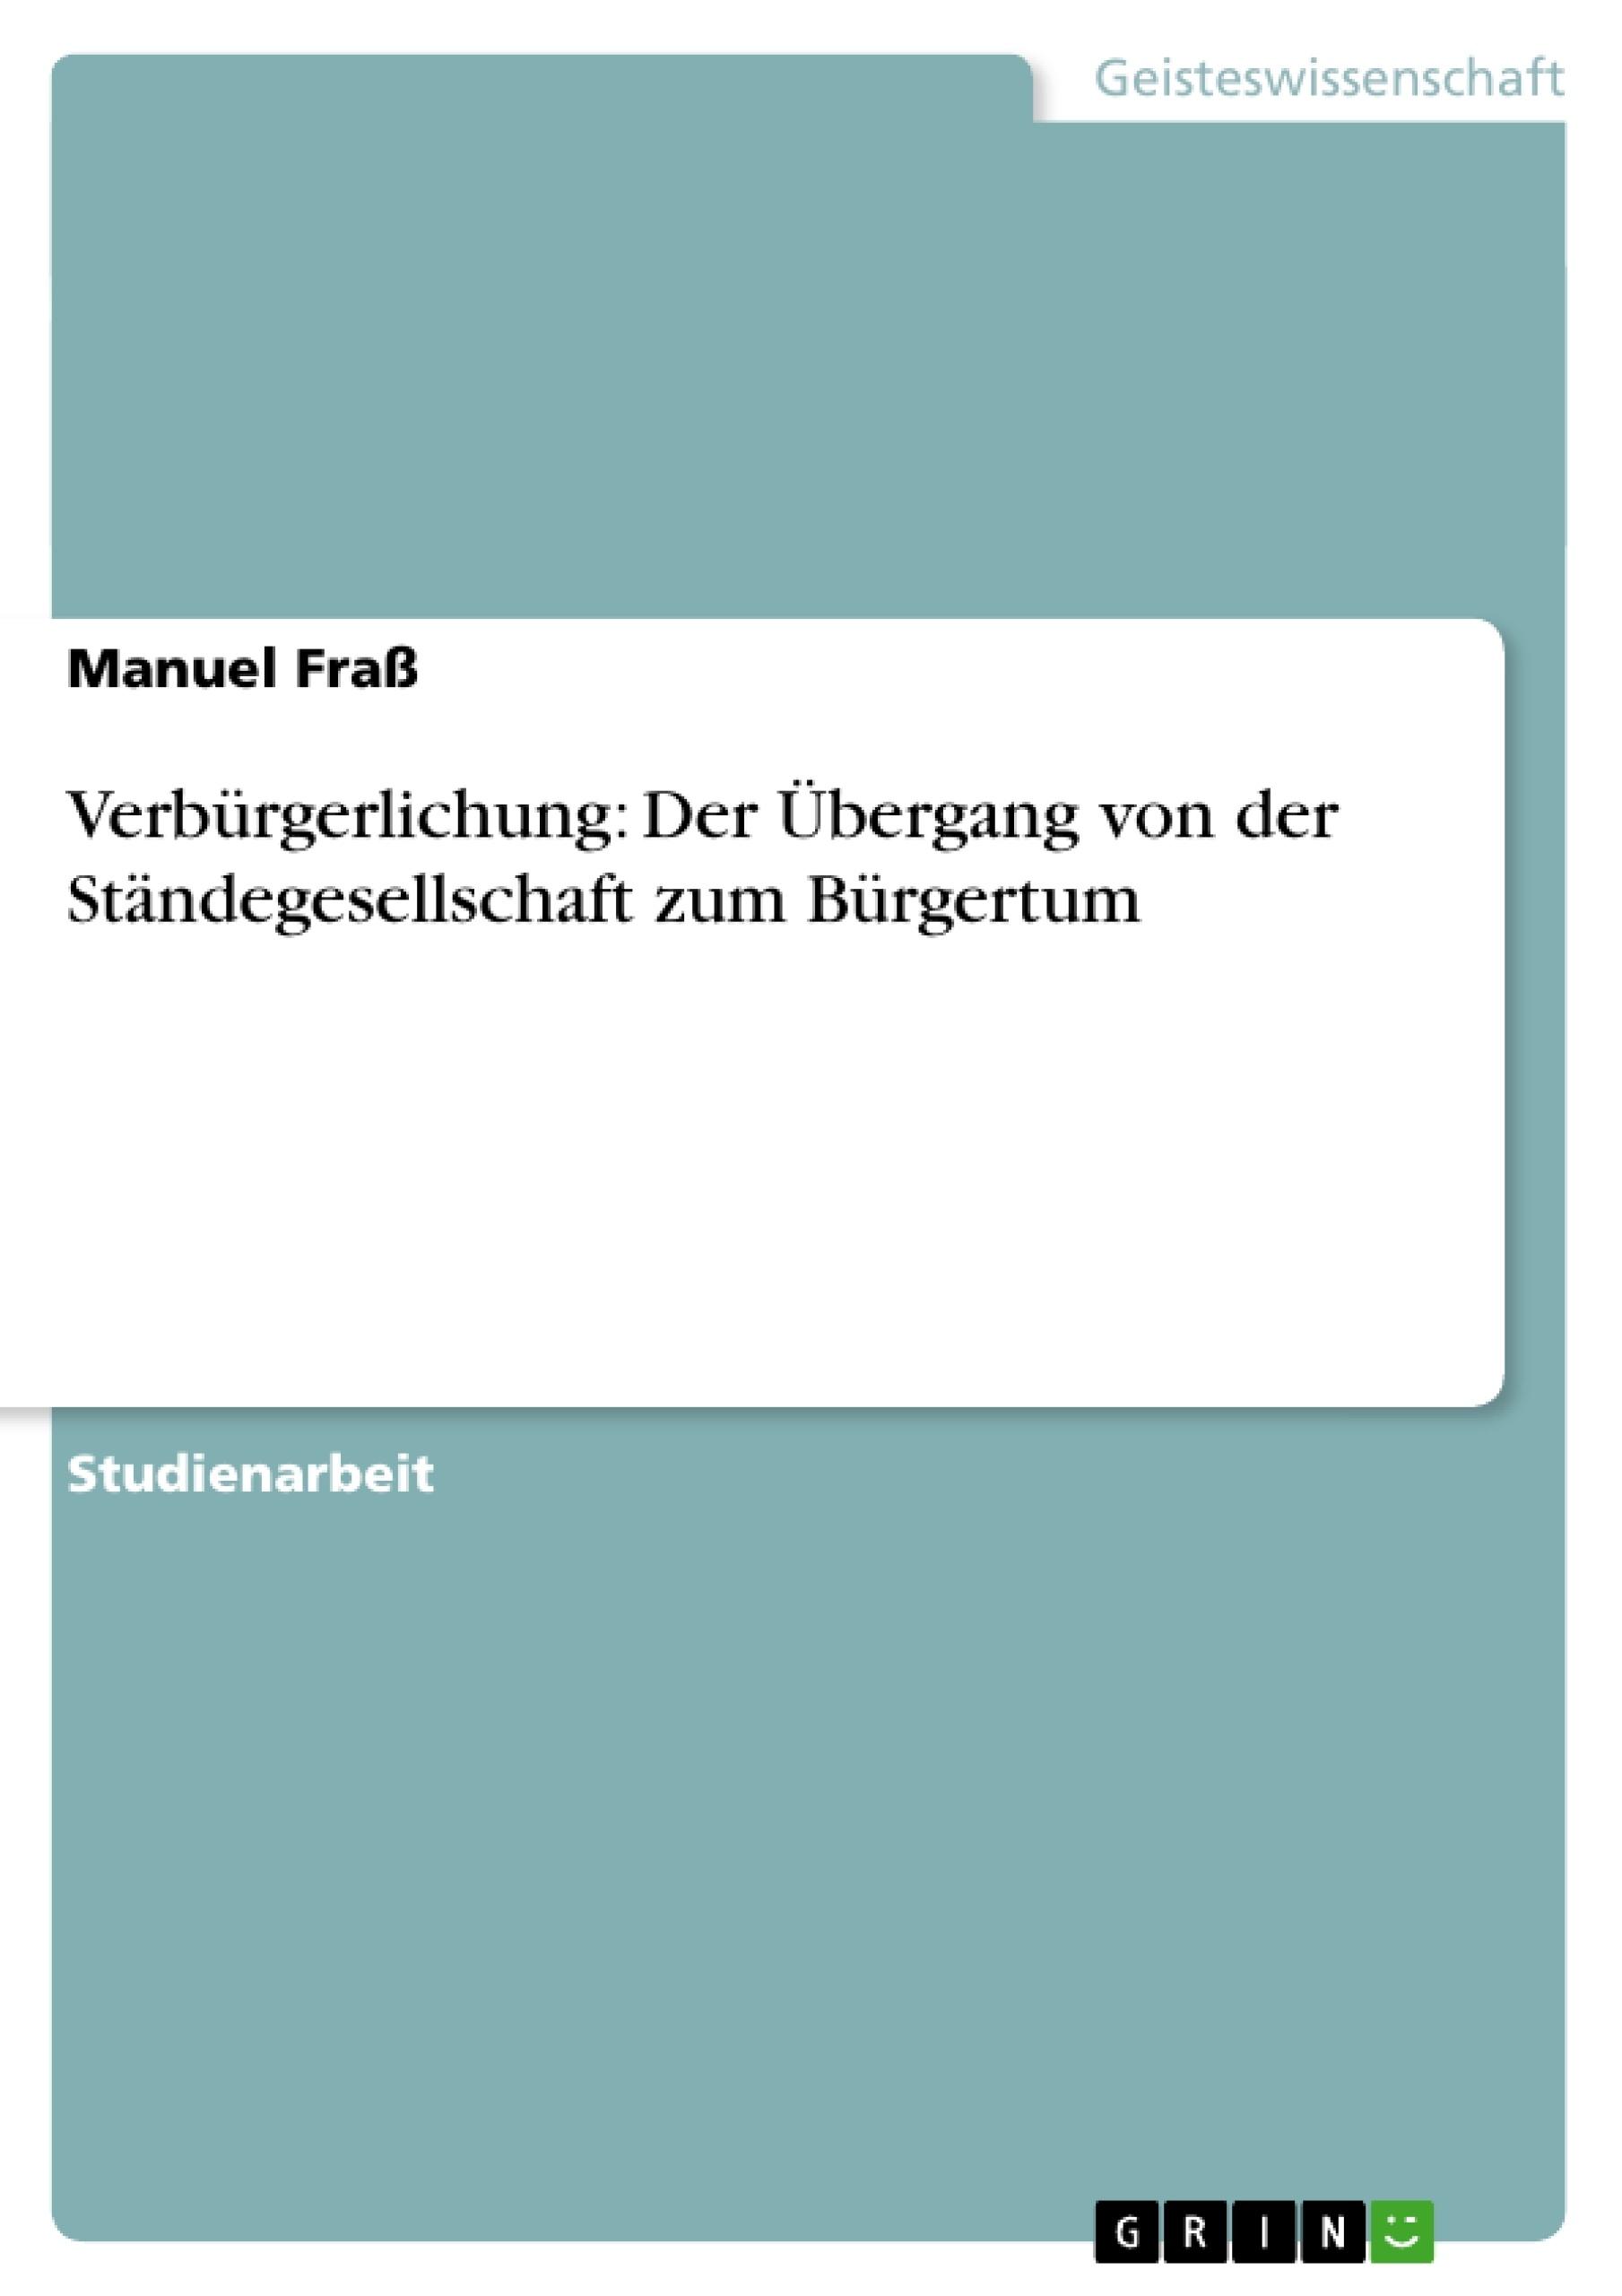 Titel: Verbürgerlichung: Der Übergang von der Ständegesellschaft zum Bürgertum